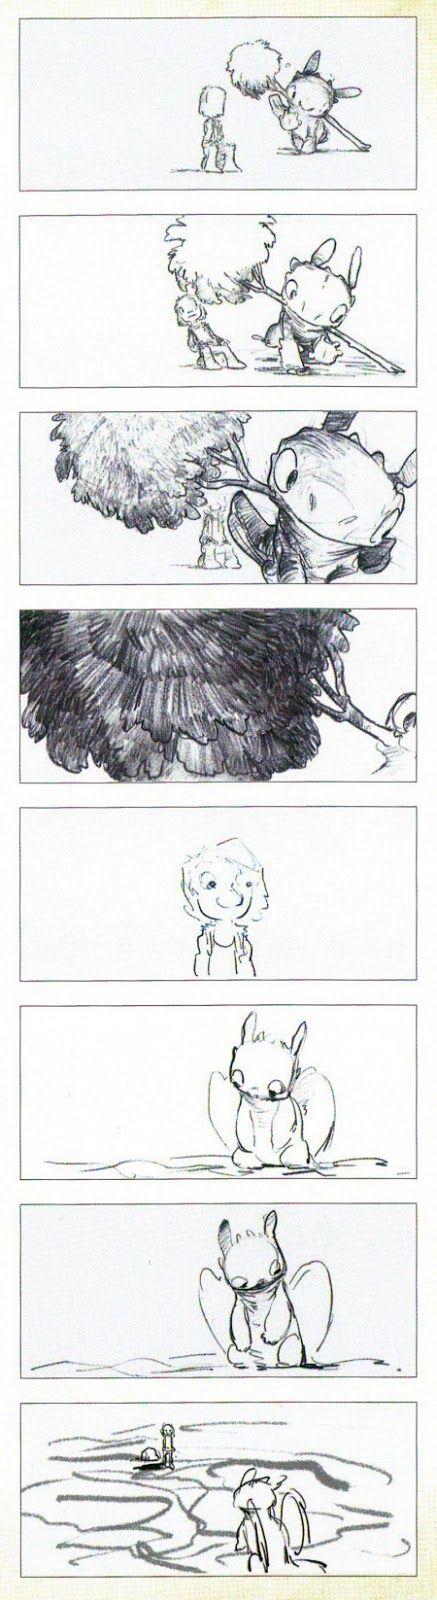 Art by Chris Sanders* u2022 Blog\/Website (wwwchrissandersart - website storyboard